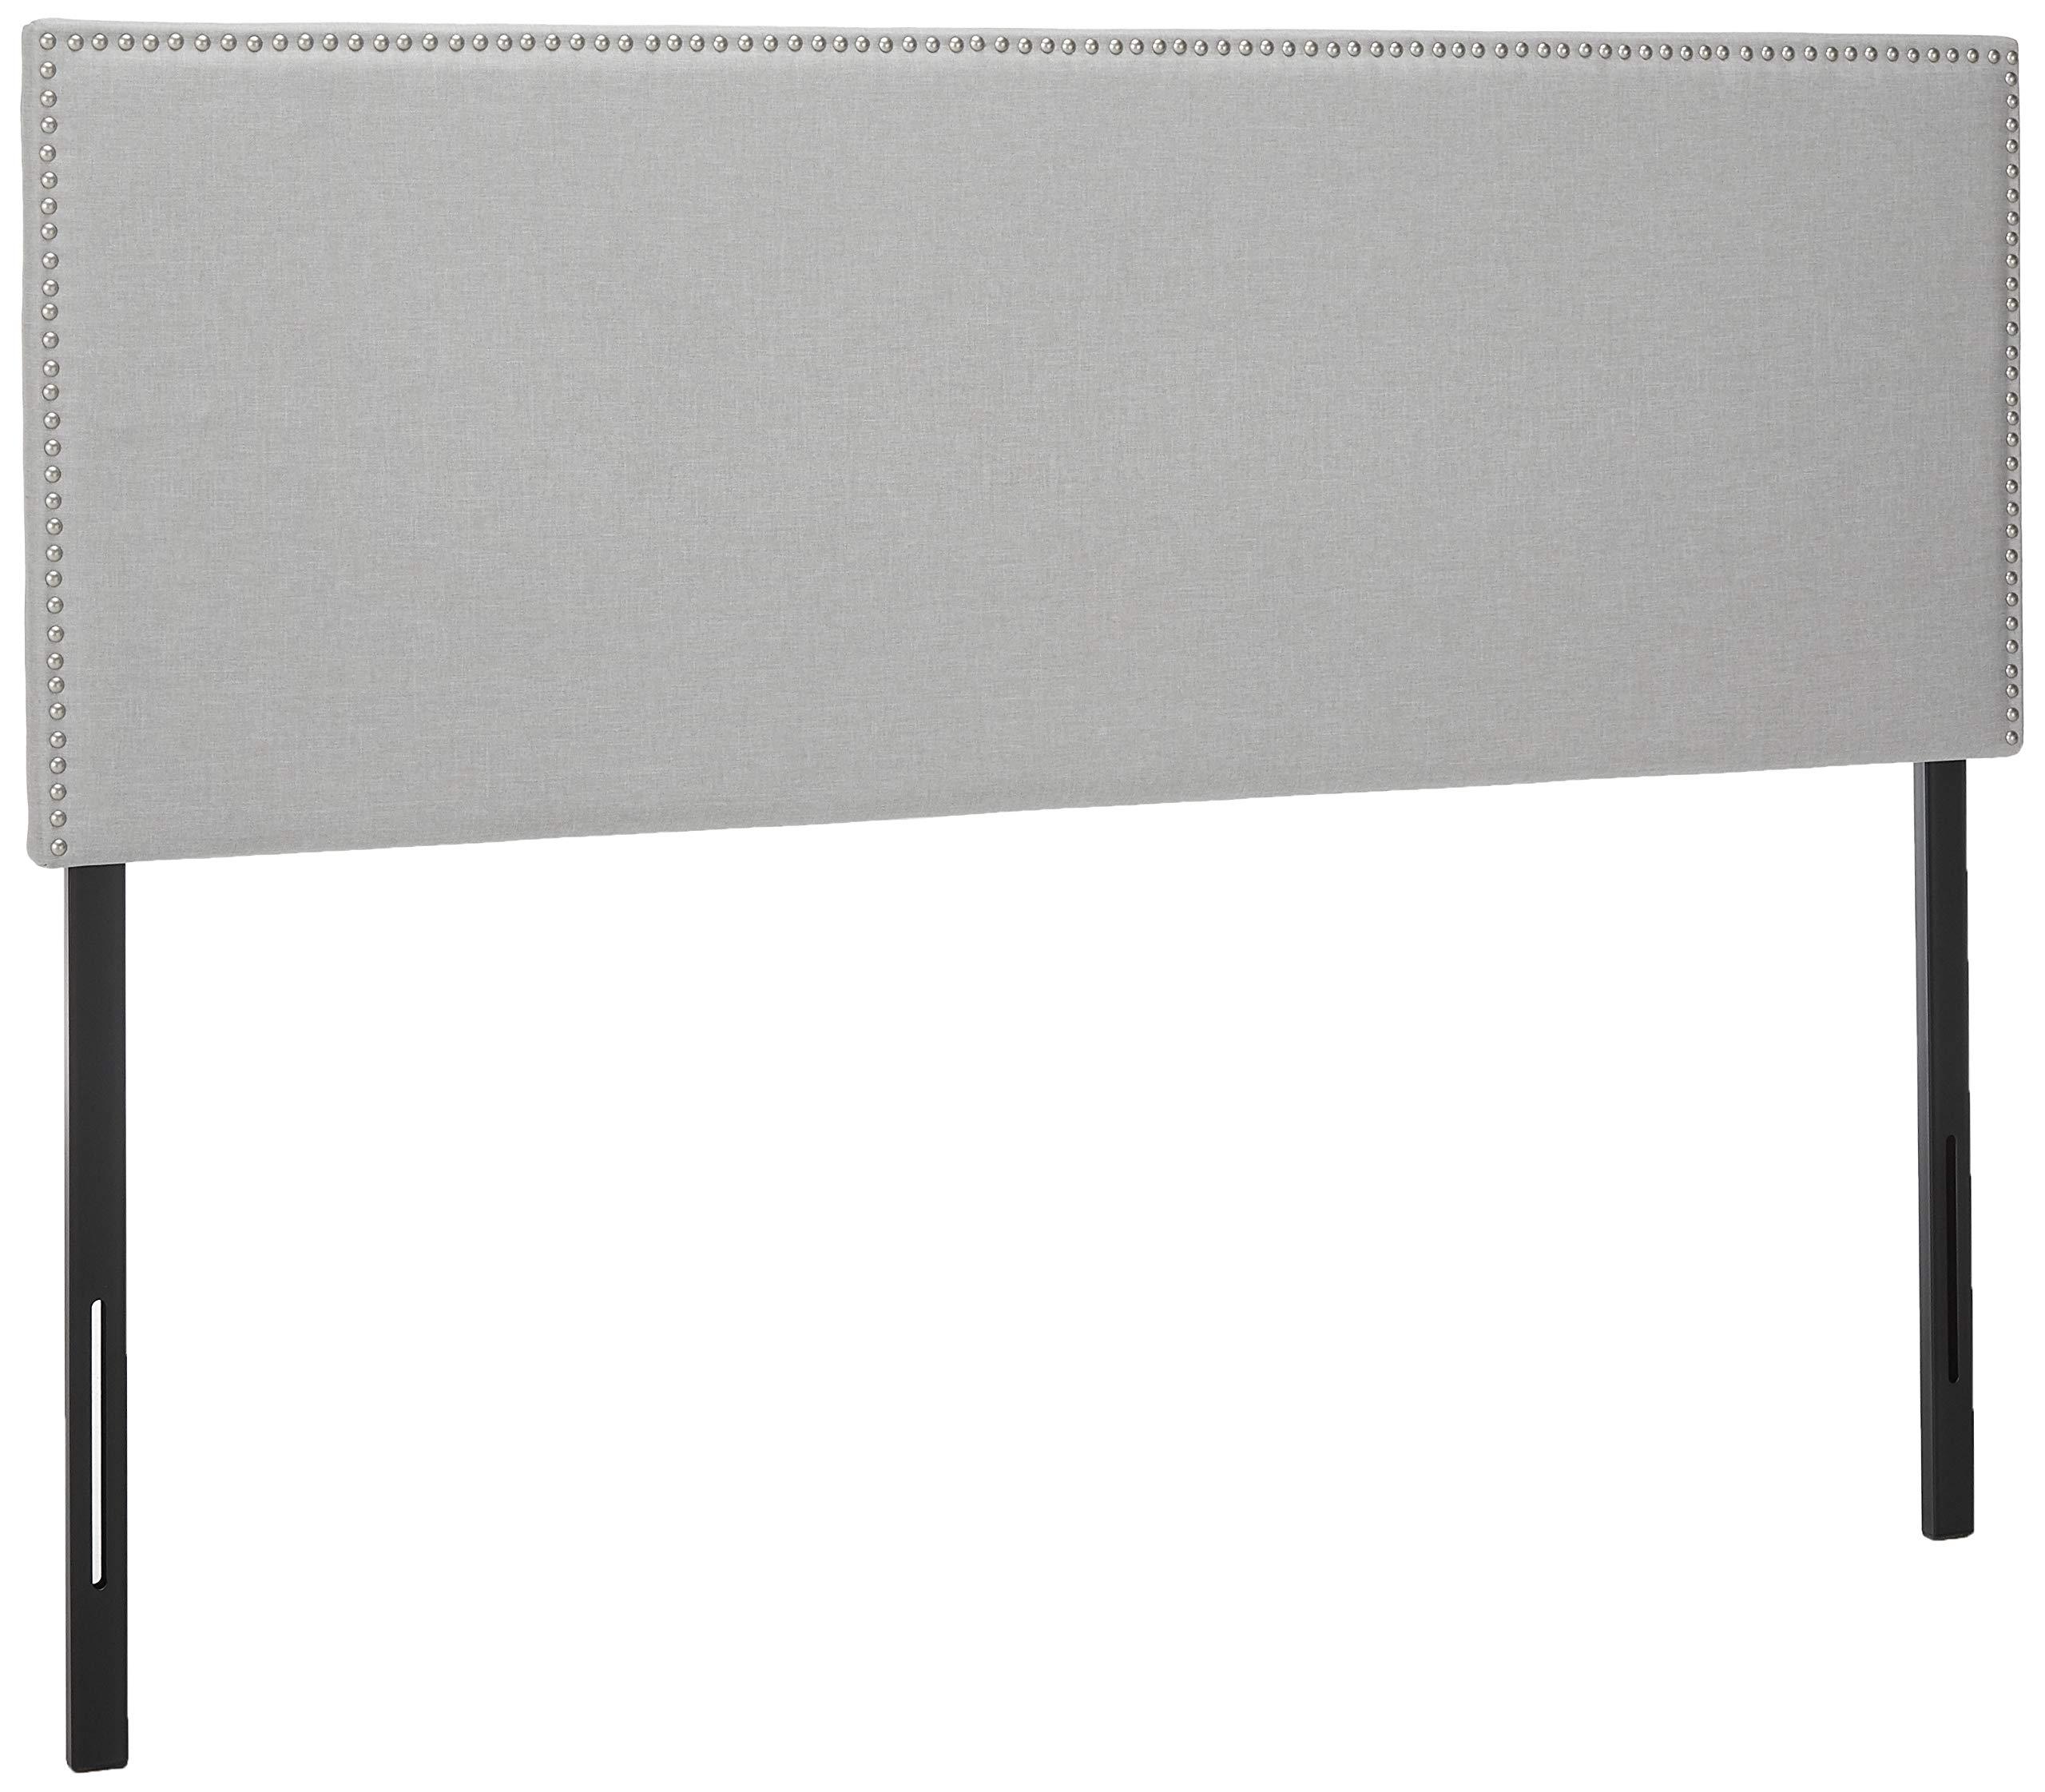 Zinus Jake Upholstered Nailhead Rectangular Headboard in Light Grey, Queen